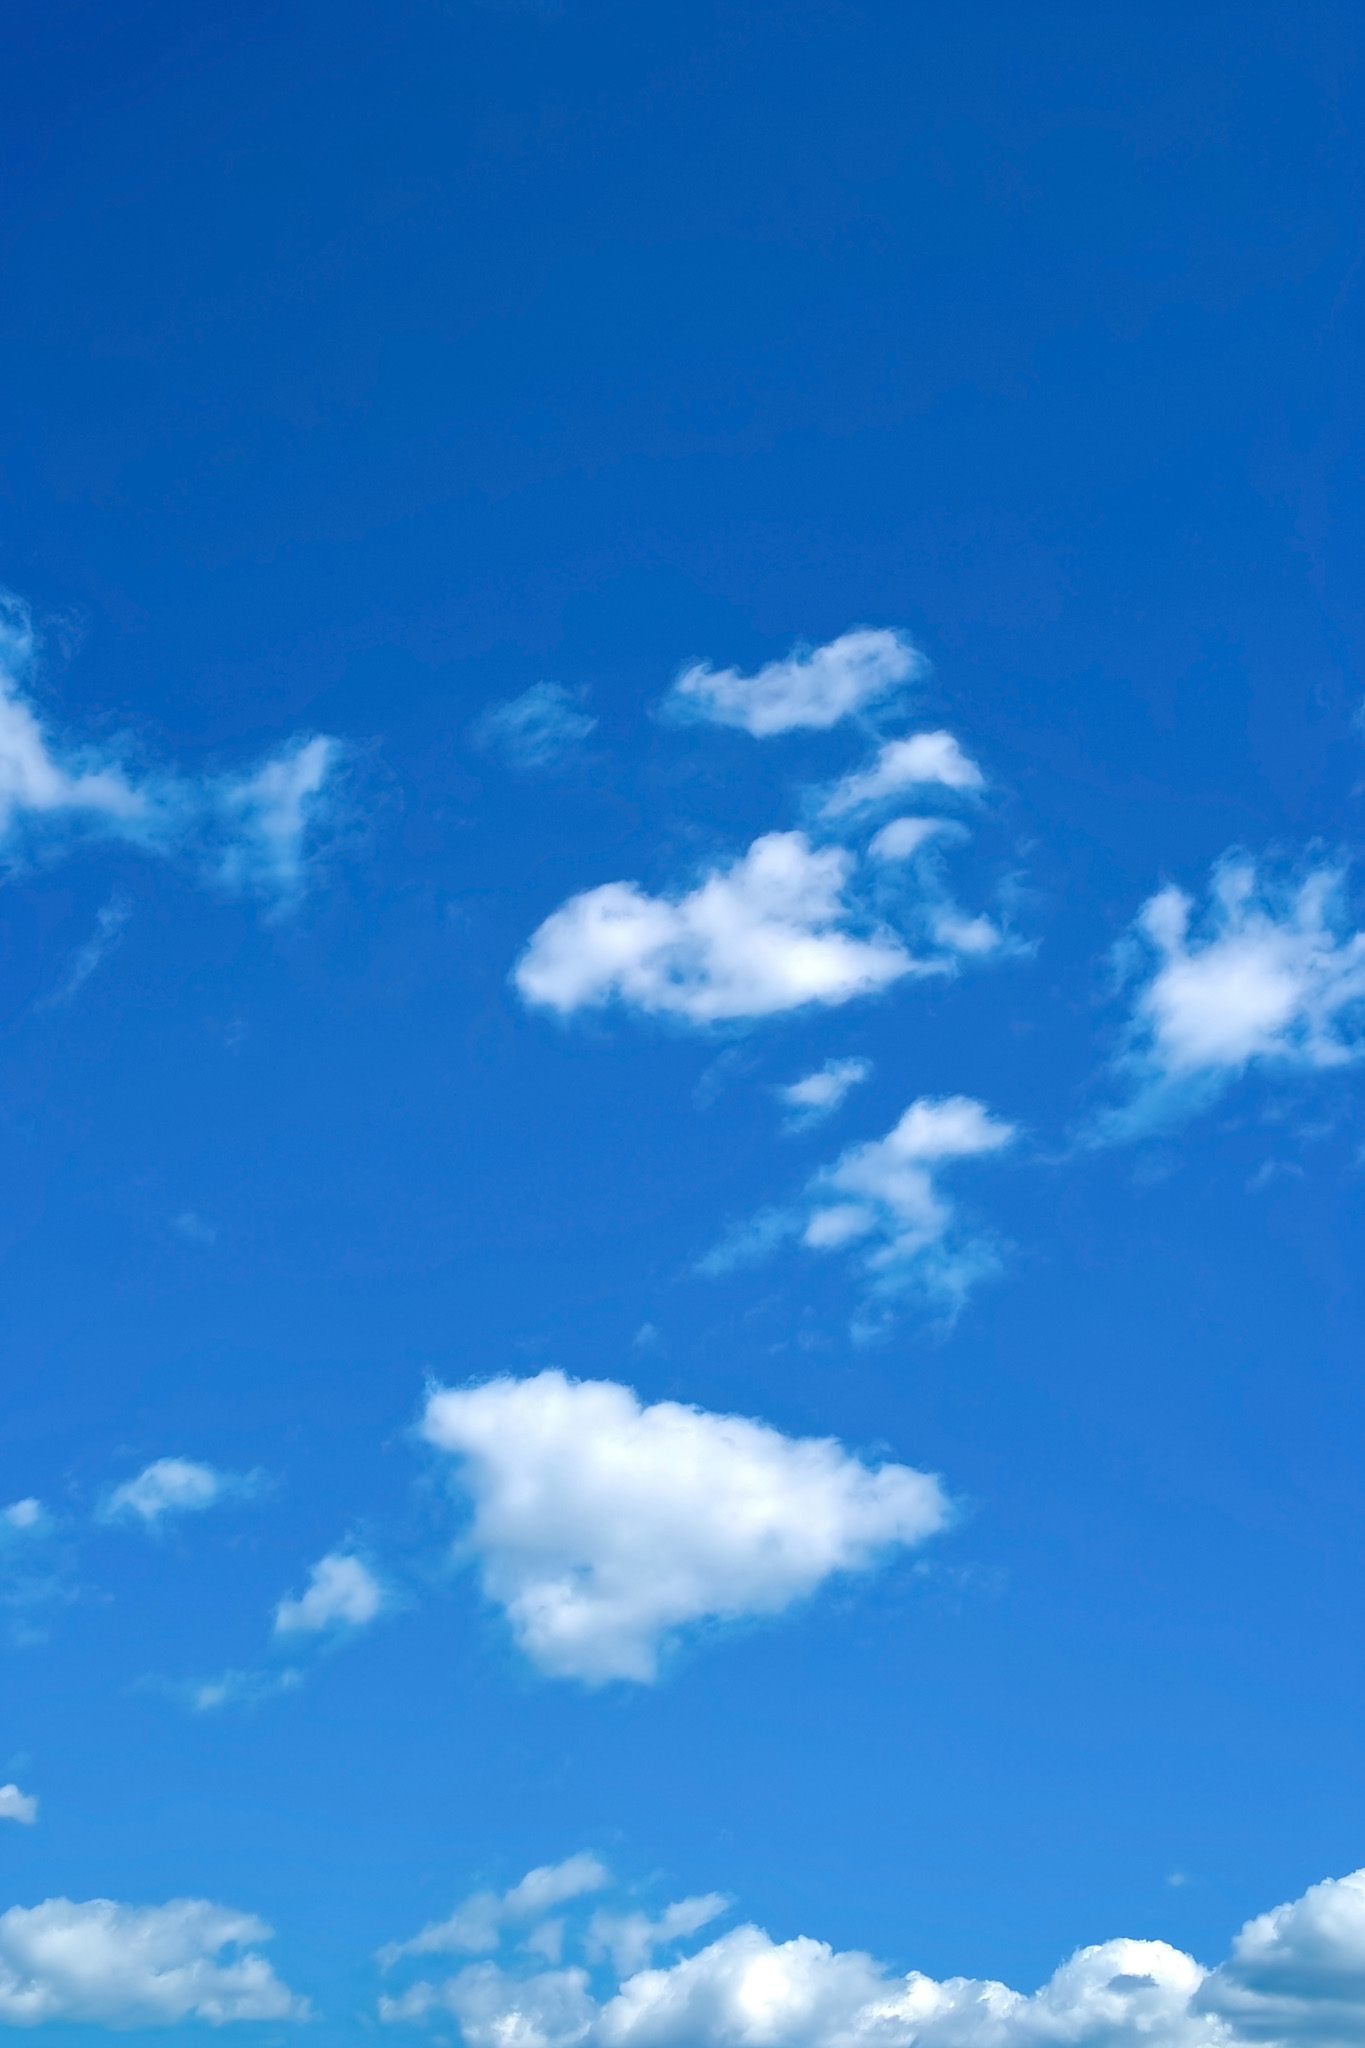 「雲が踊る紺碧の青空」の画像を無料ダウンロード